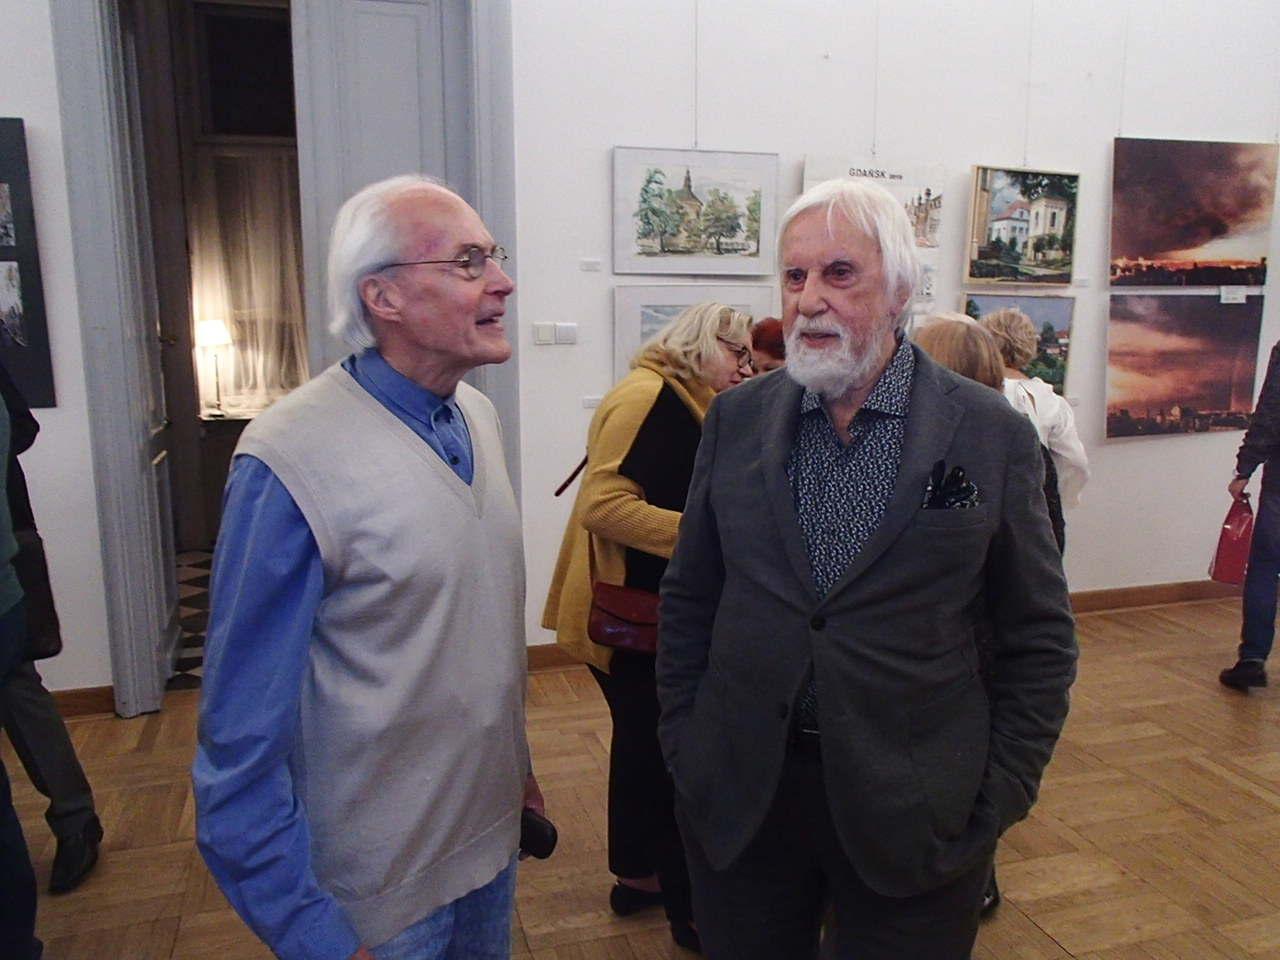 Jan Fiszer i Włodzimierz Karczmarzyk - SALON JESIENNY 2019 - Sala Lustrzana - Pałac Zamoyskich